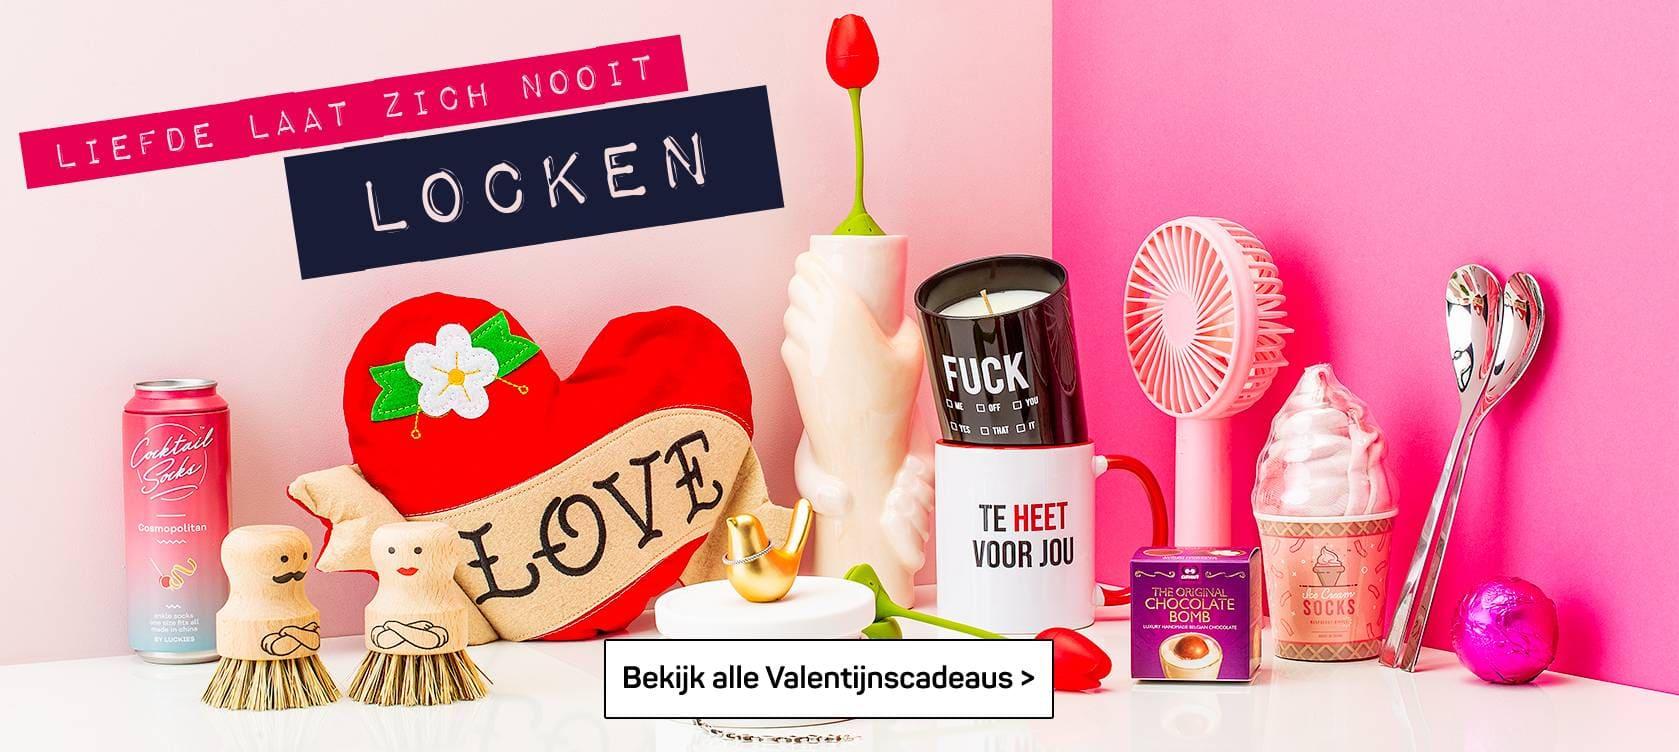 Valentijn laat zich niet locken - bekijk alle valentijnscadeaus